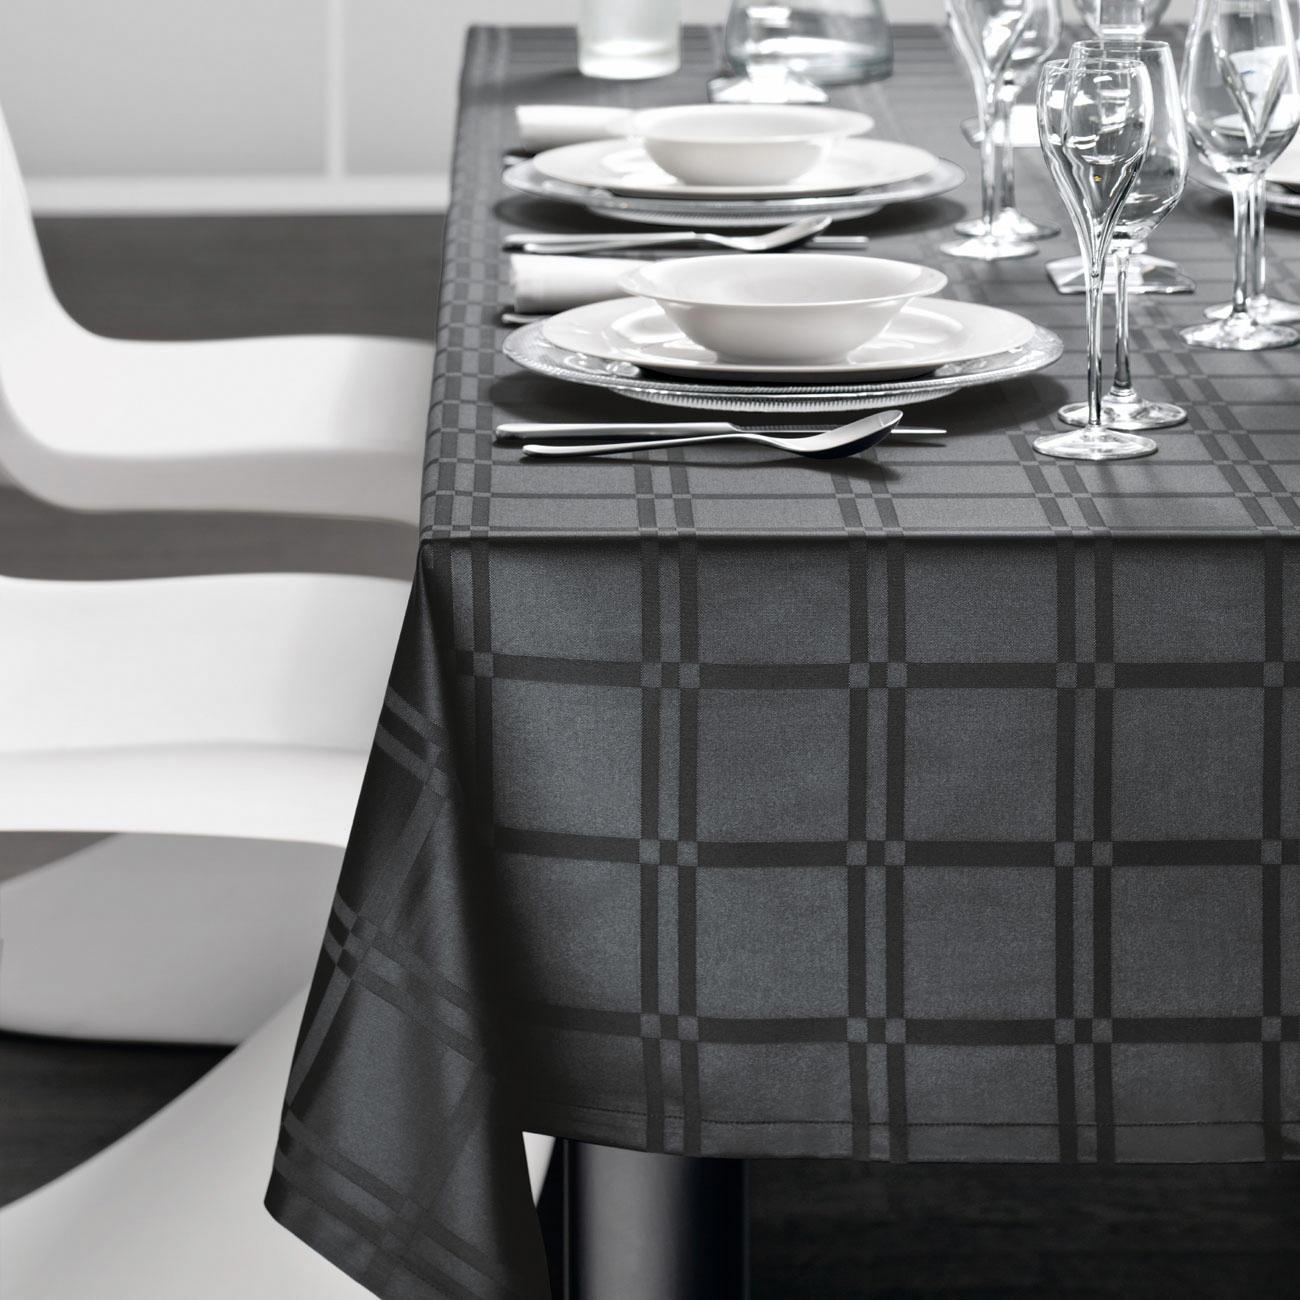 fleckabweisende tischdecke 3 jahre garantie pro idee. Black Bedroom Furniture Sets. Home Design Ideas